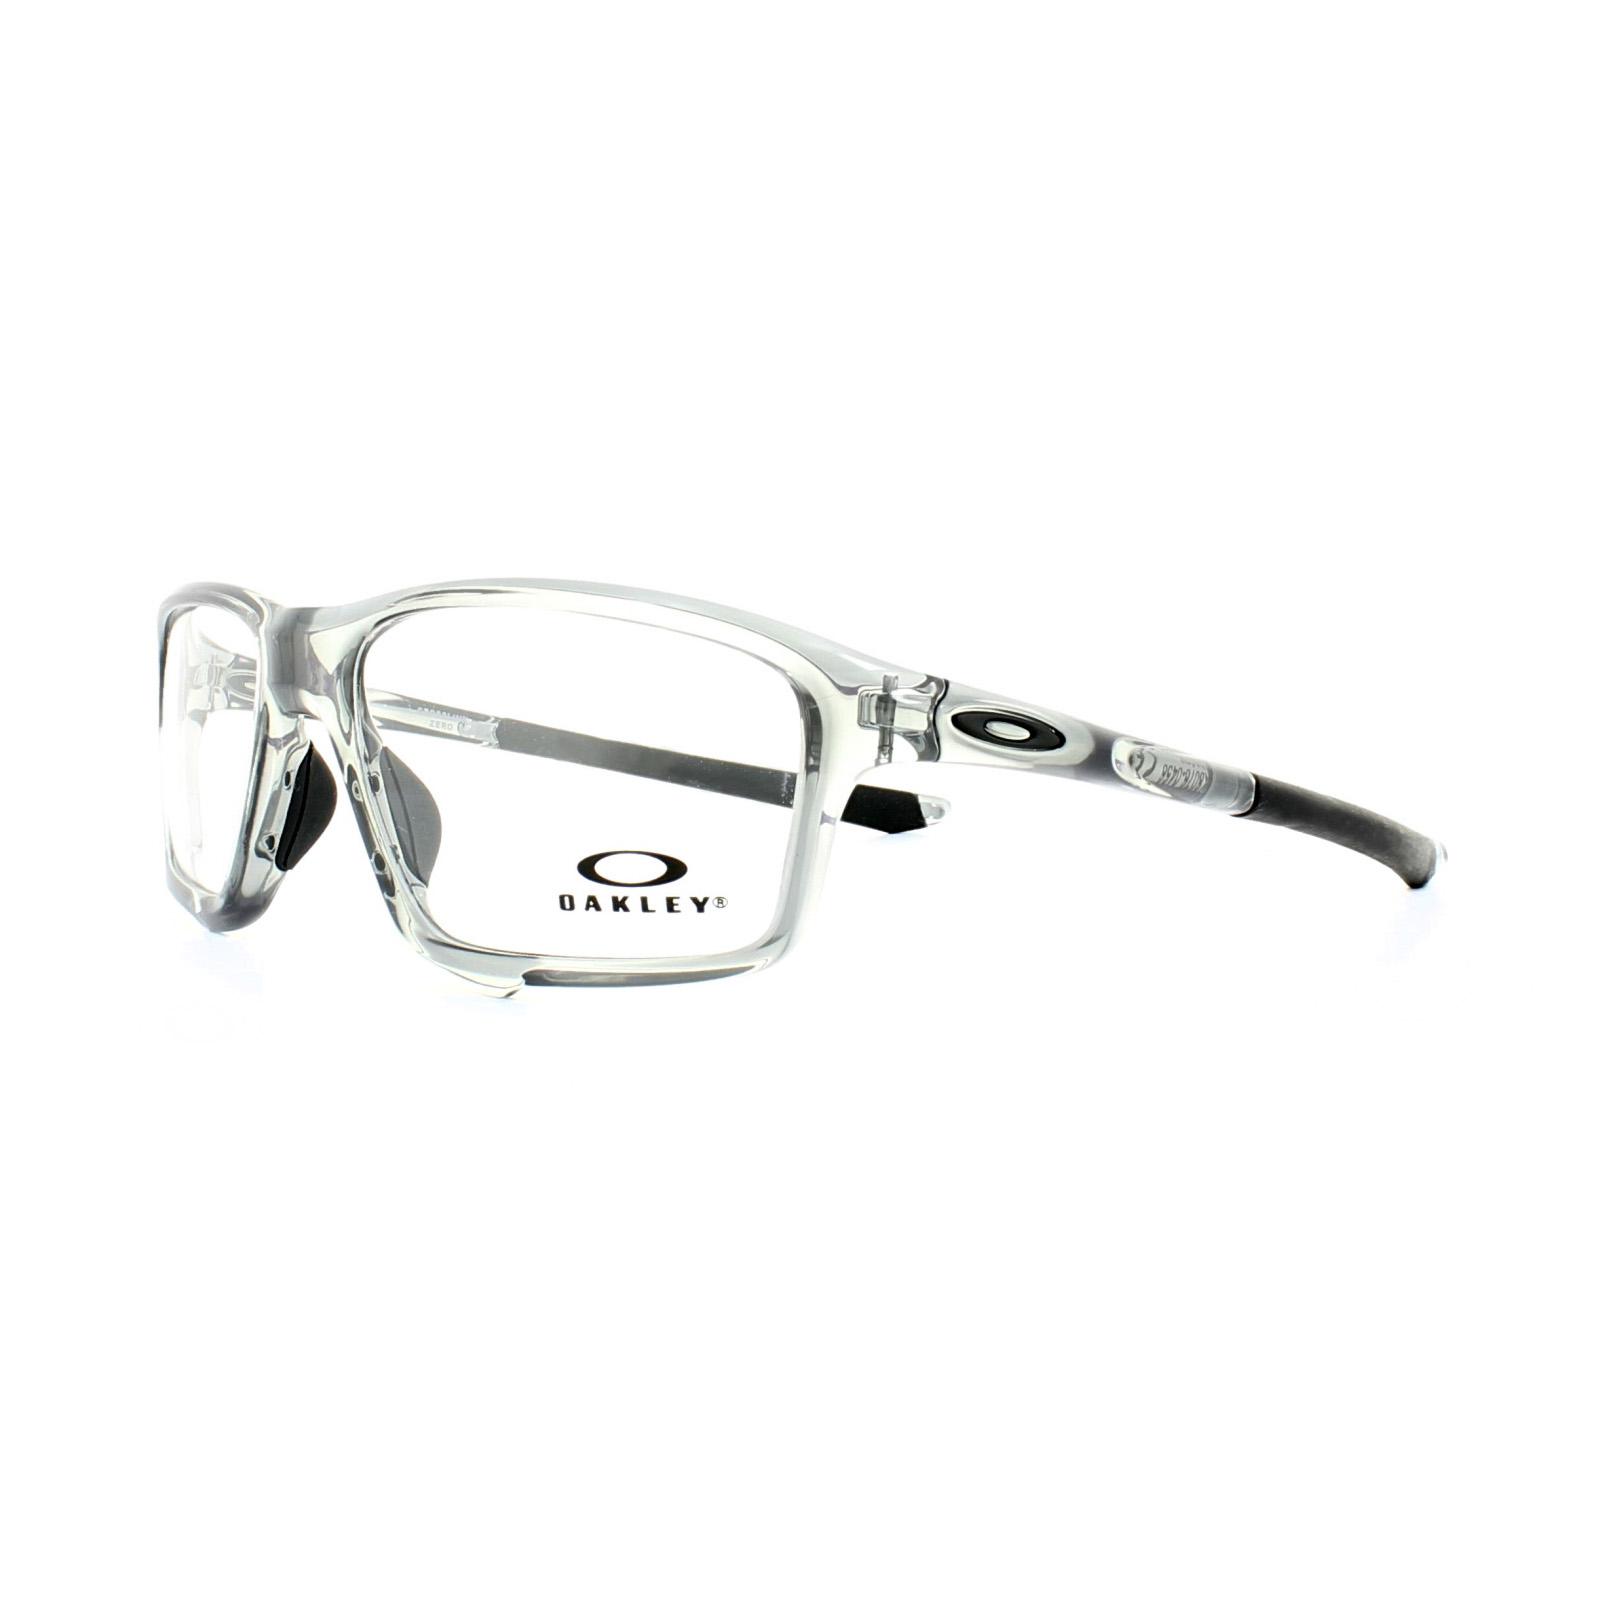 oakley glasses frames crosslink zero ox8076 04 polished